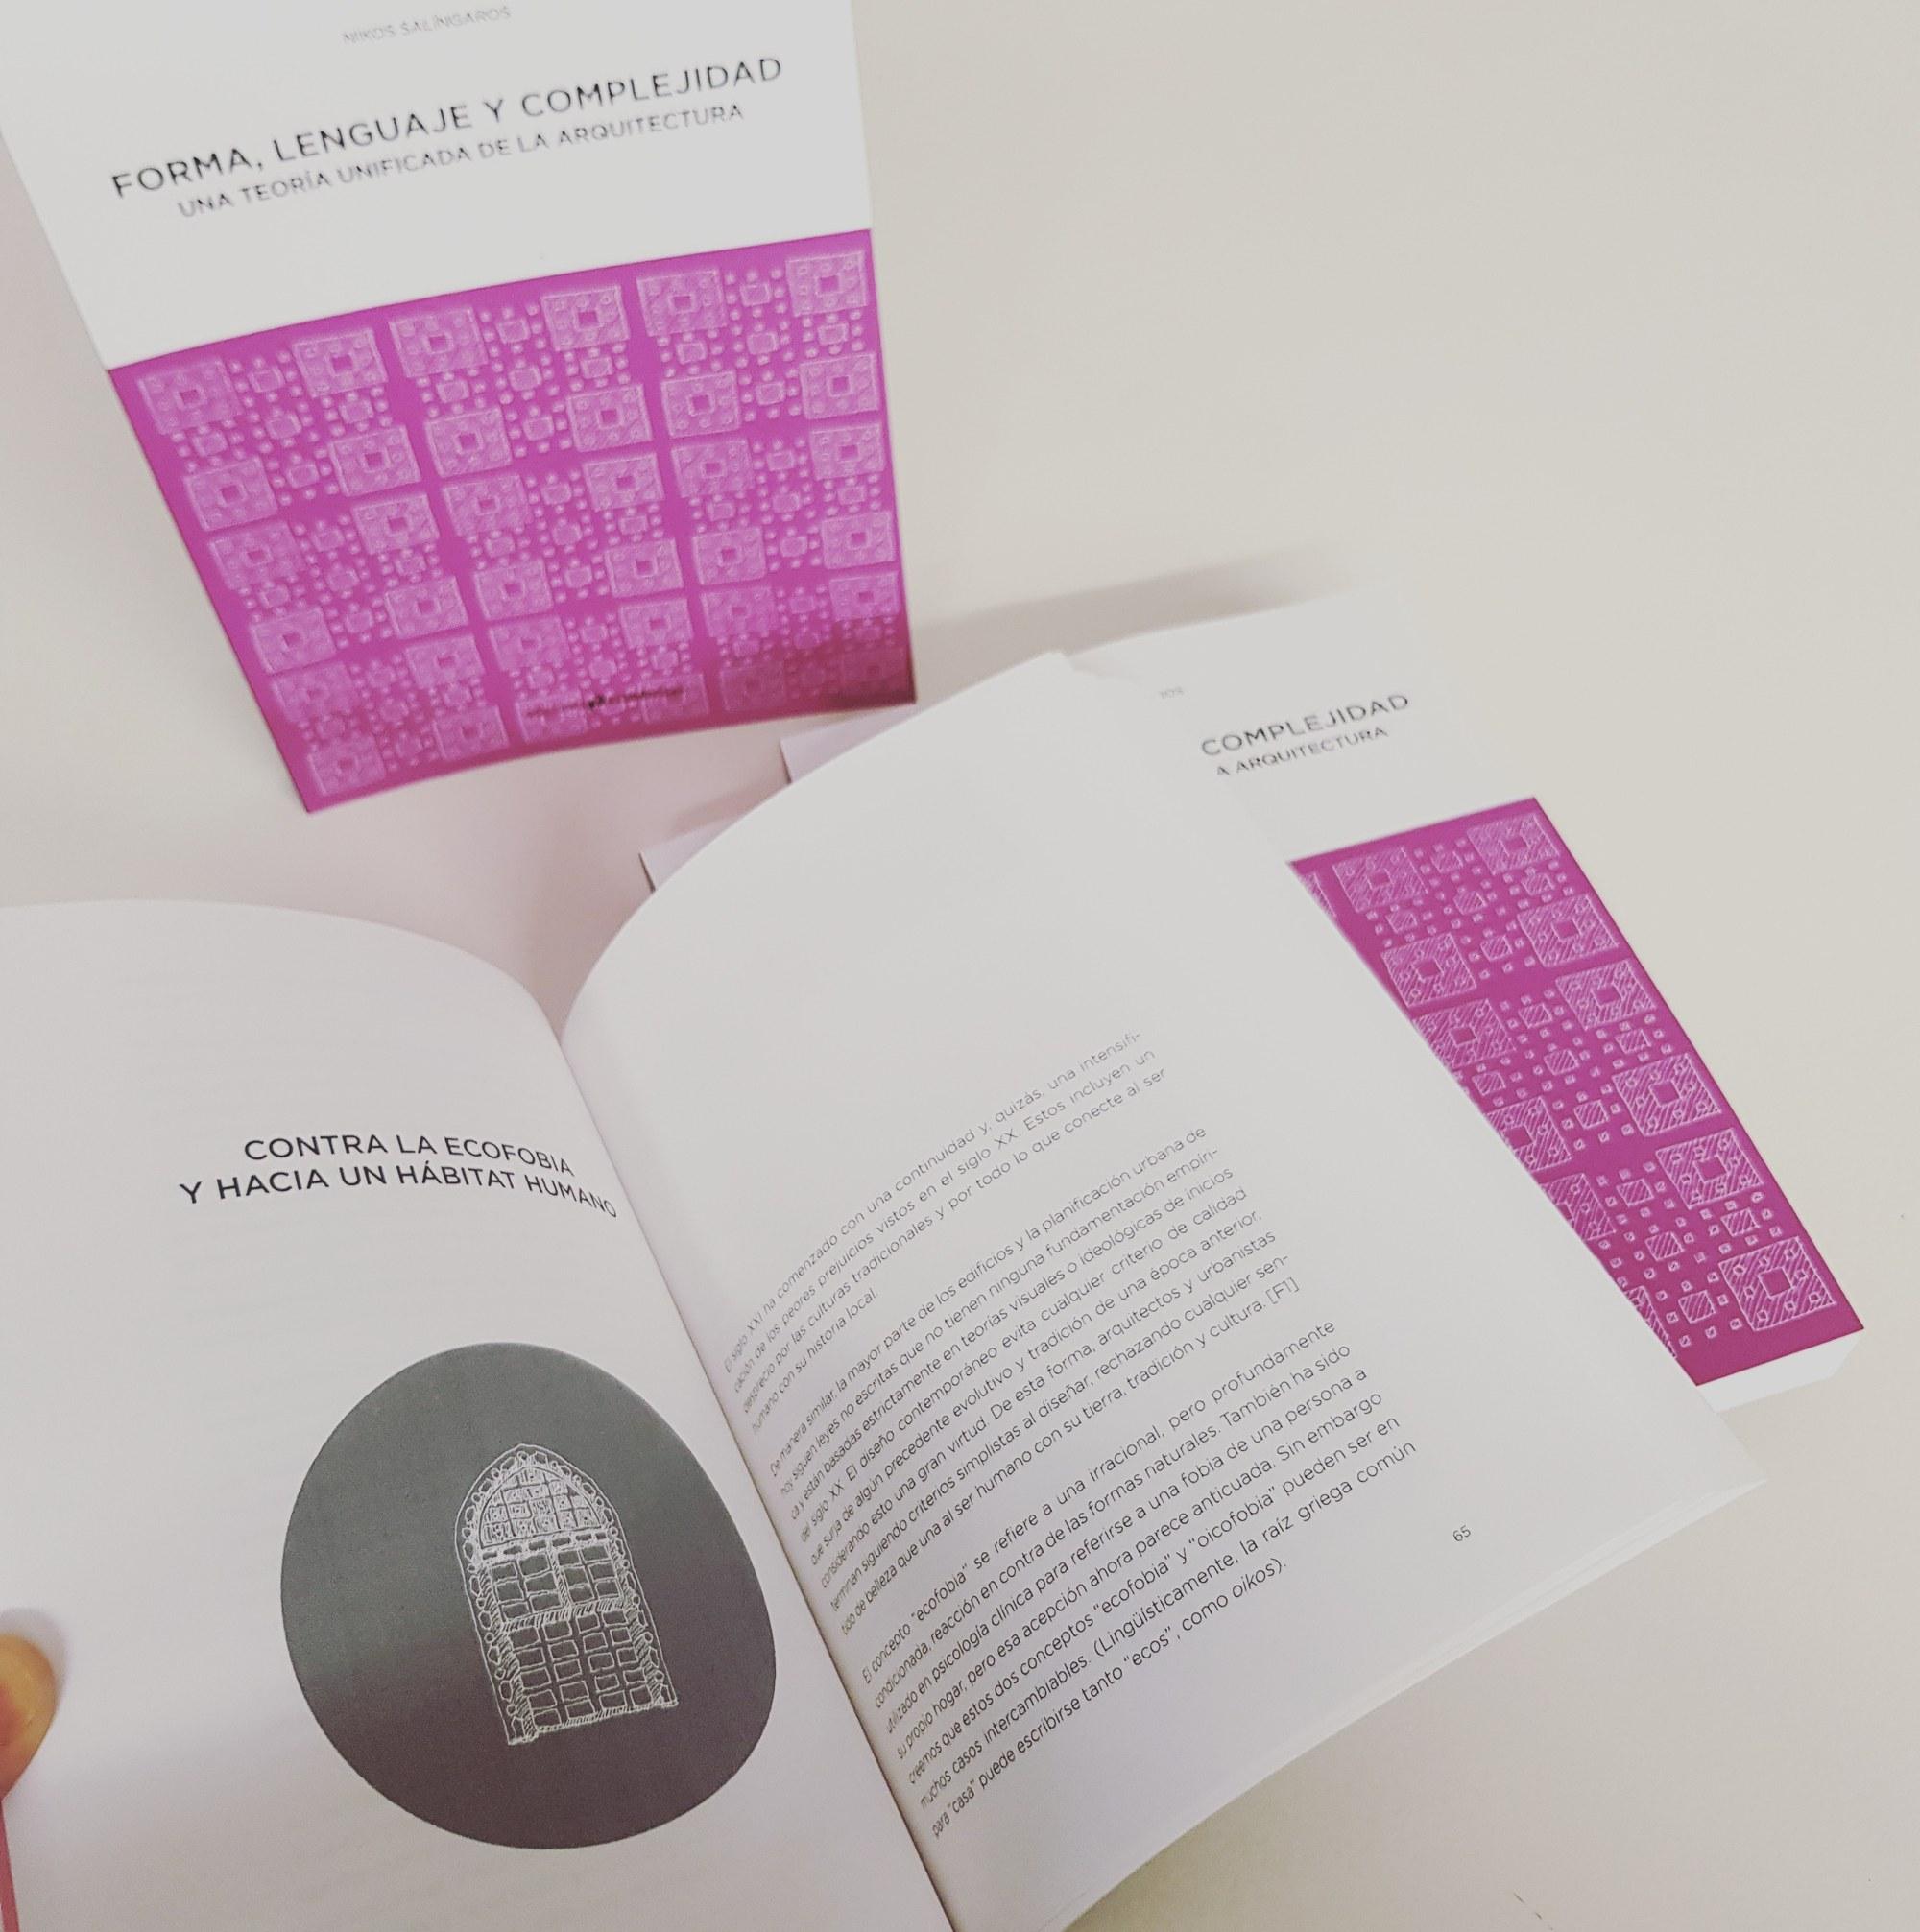 Galer a de forma lenguaje y complejidad ediciones for Ediciones asimetricas